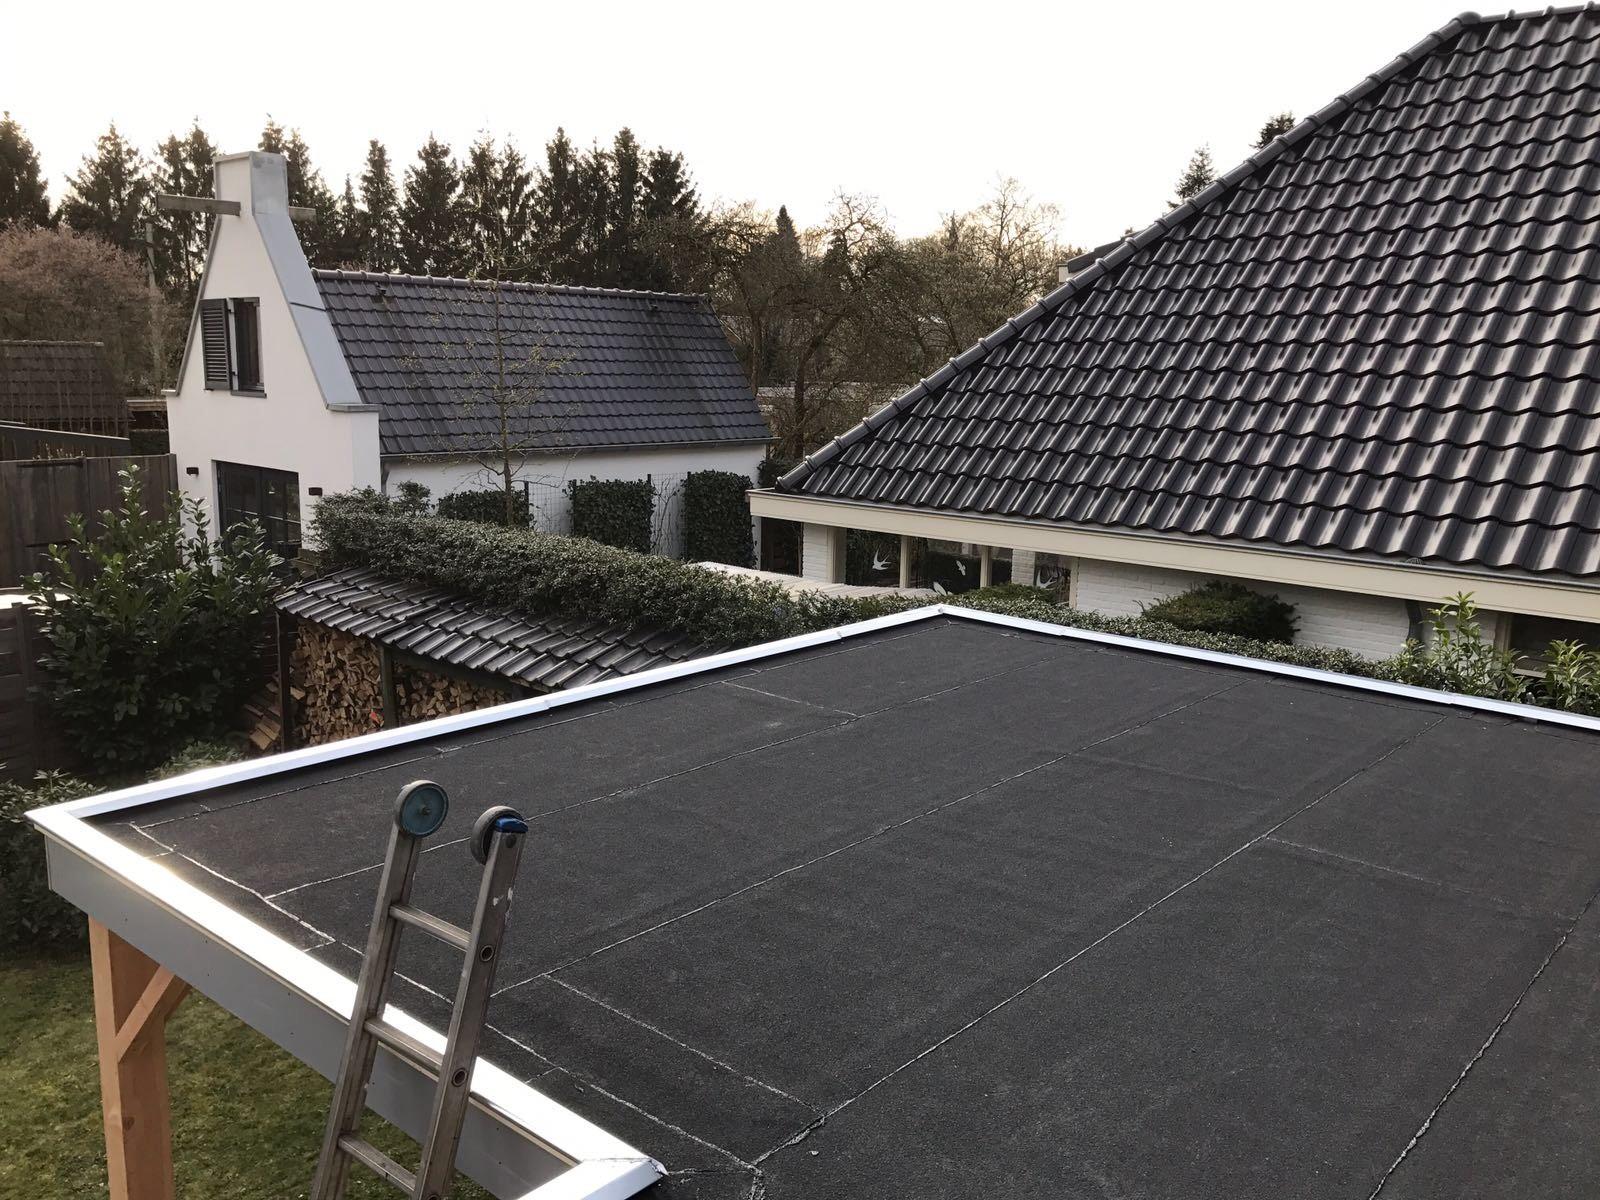 Foto van een dak dat zojuist is onderhouden door Loodgieter-Berkel